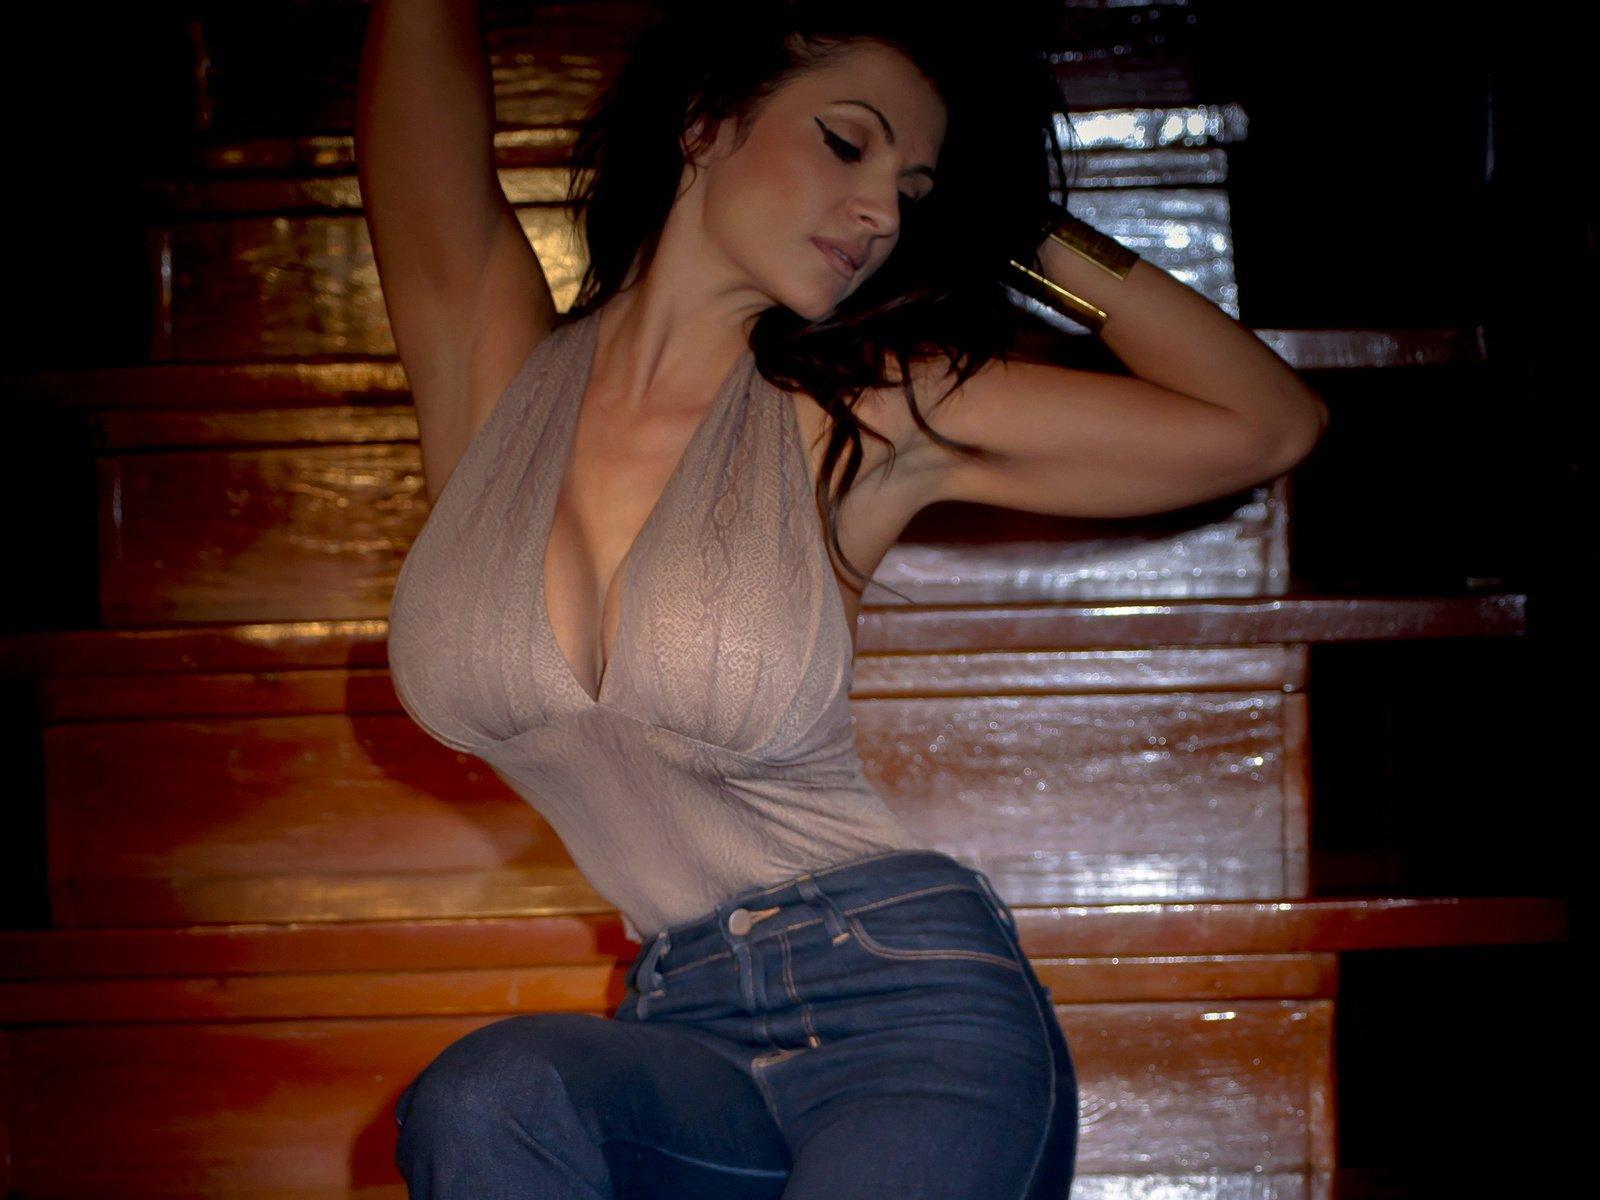 Сисястая латинка смотреть онлайн, Порно видео онлайн: ЛатинкиБольшие сиськи 23 фотография